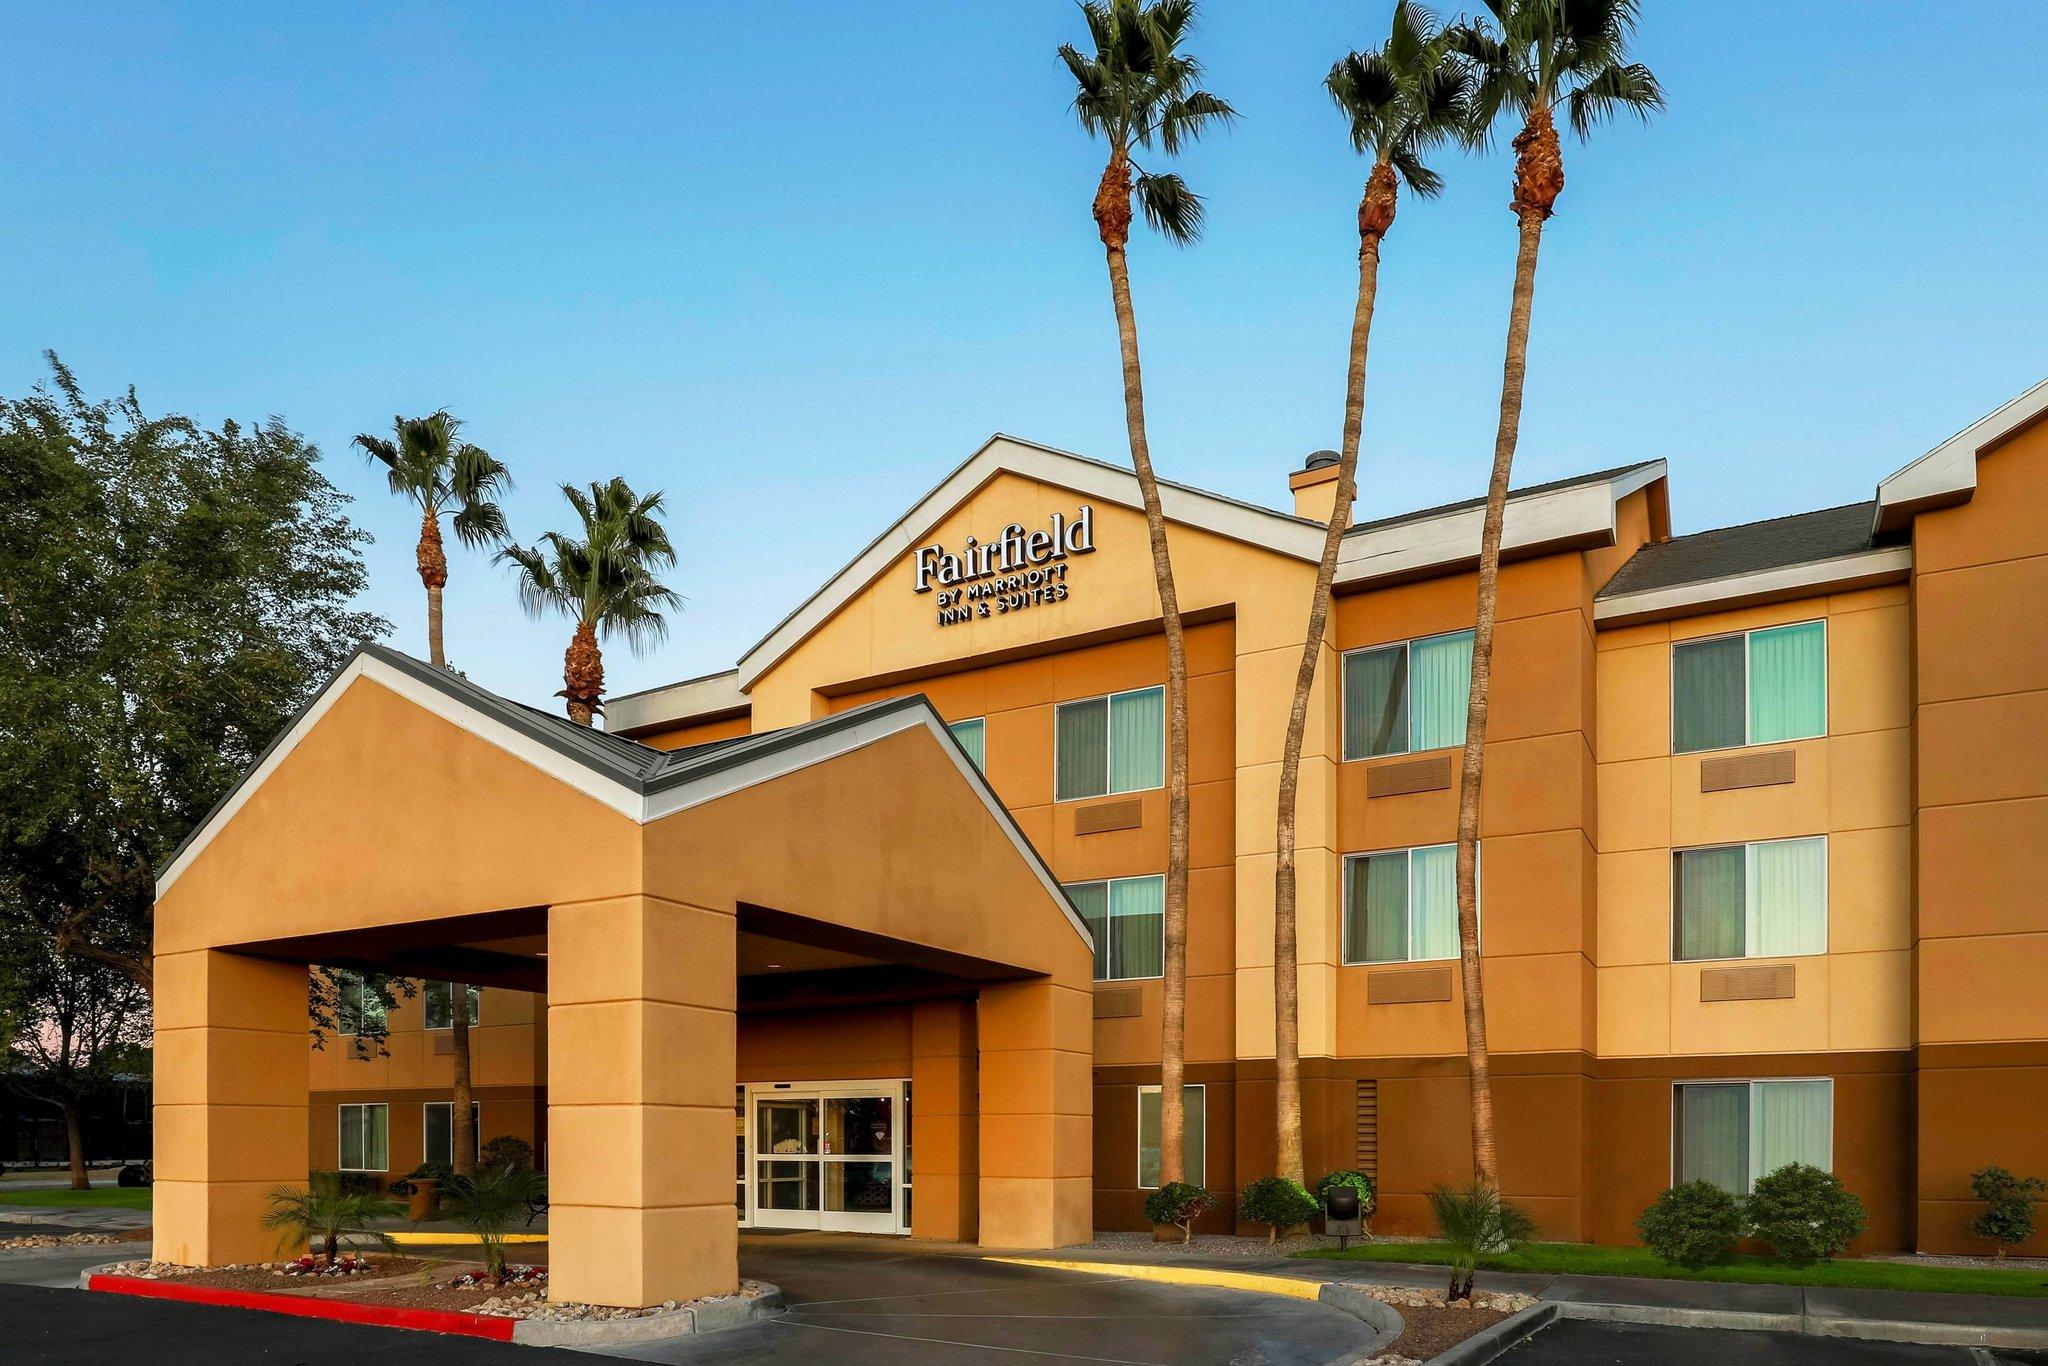 Fairfield Inn and Suites by Marriott Yuma